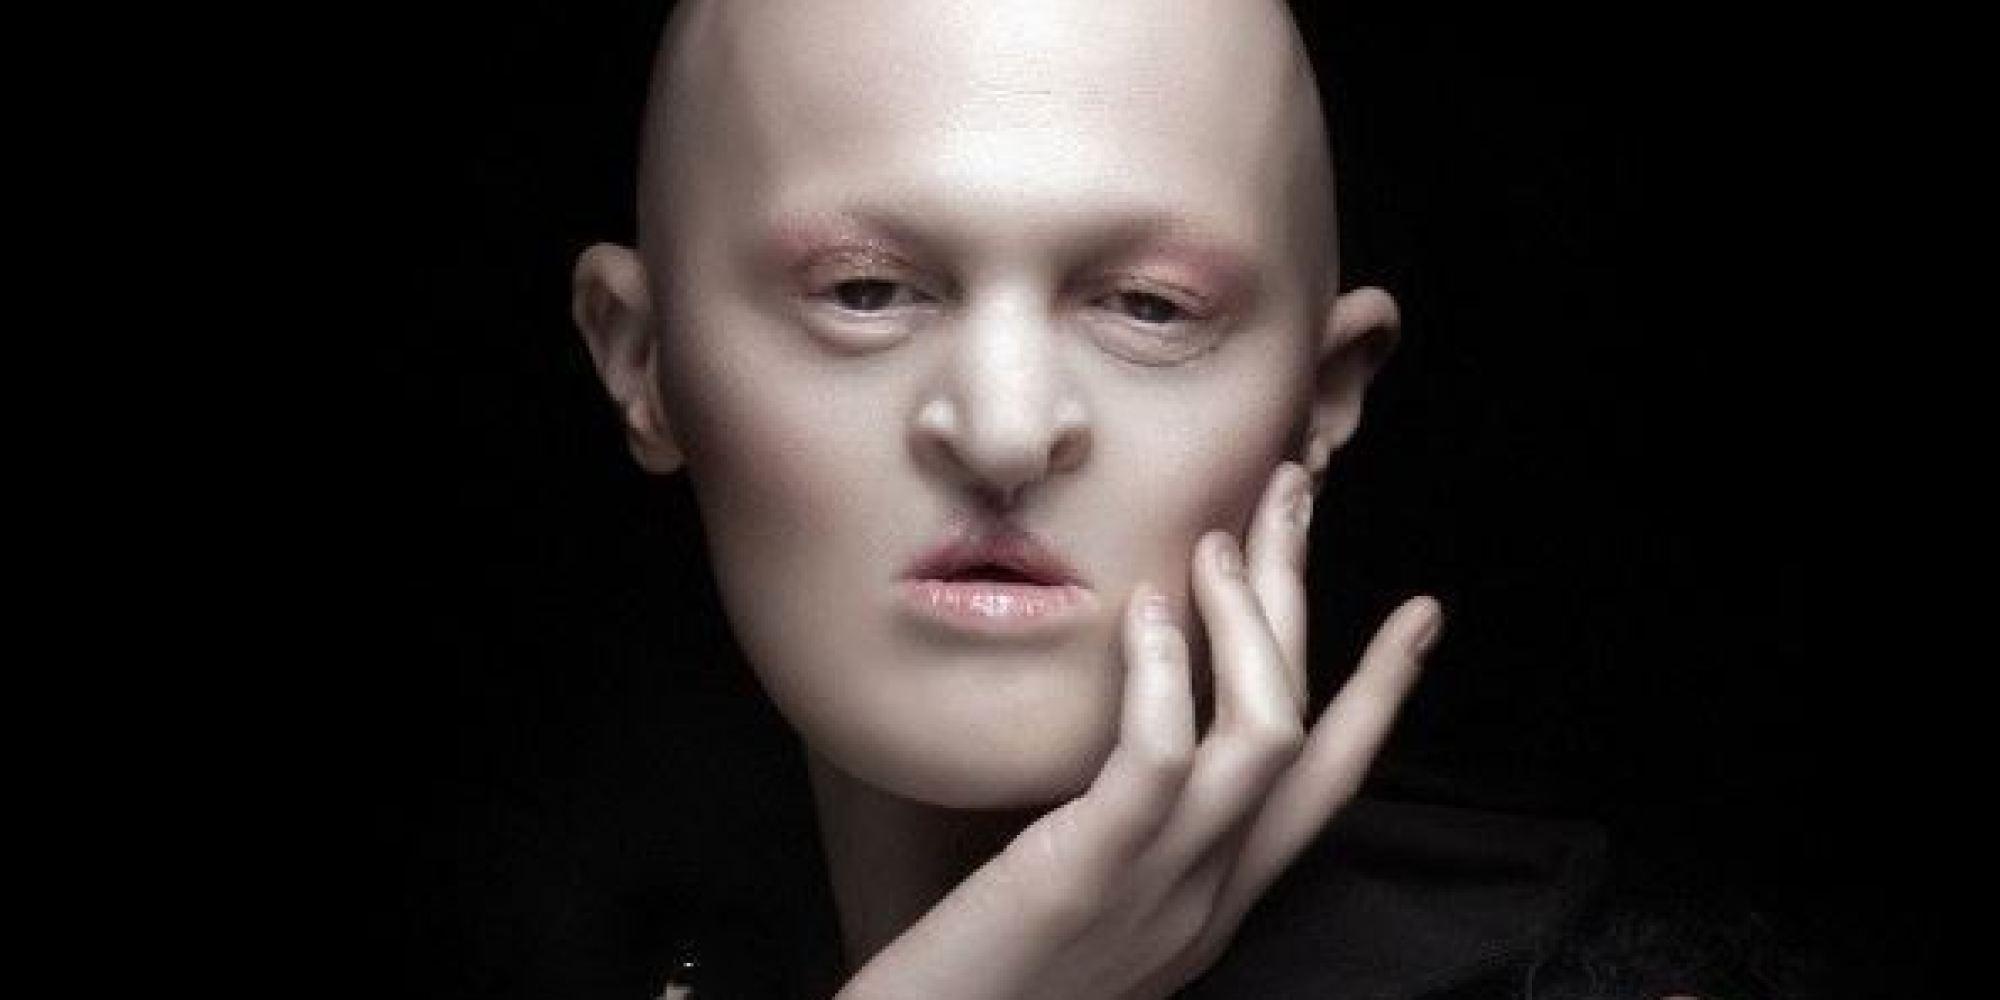 Melanie Gaydos, una modelo sin pelo ni dientes